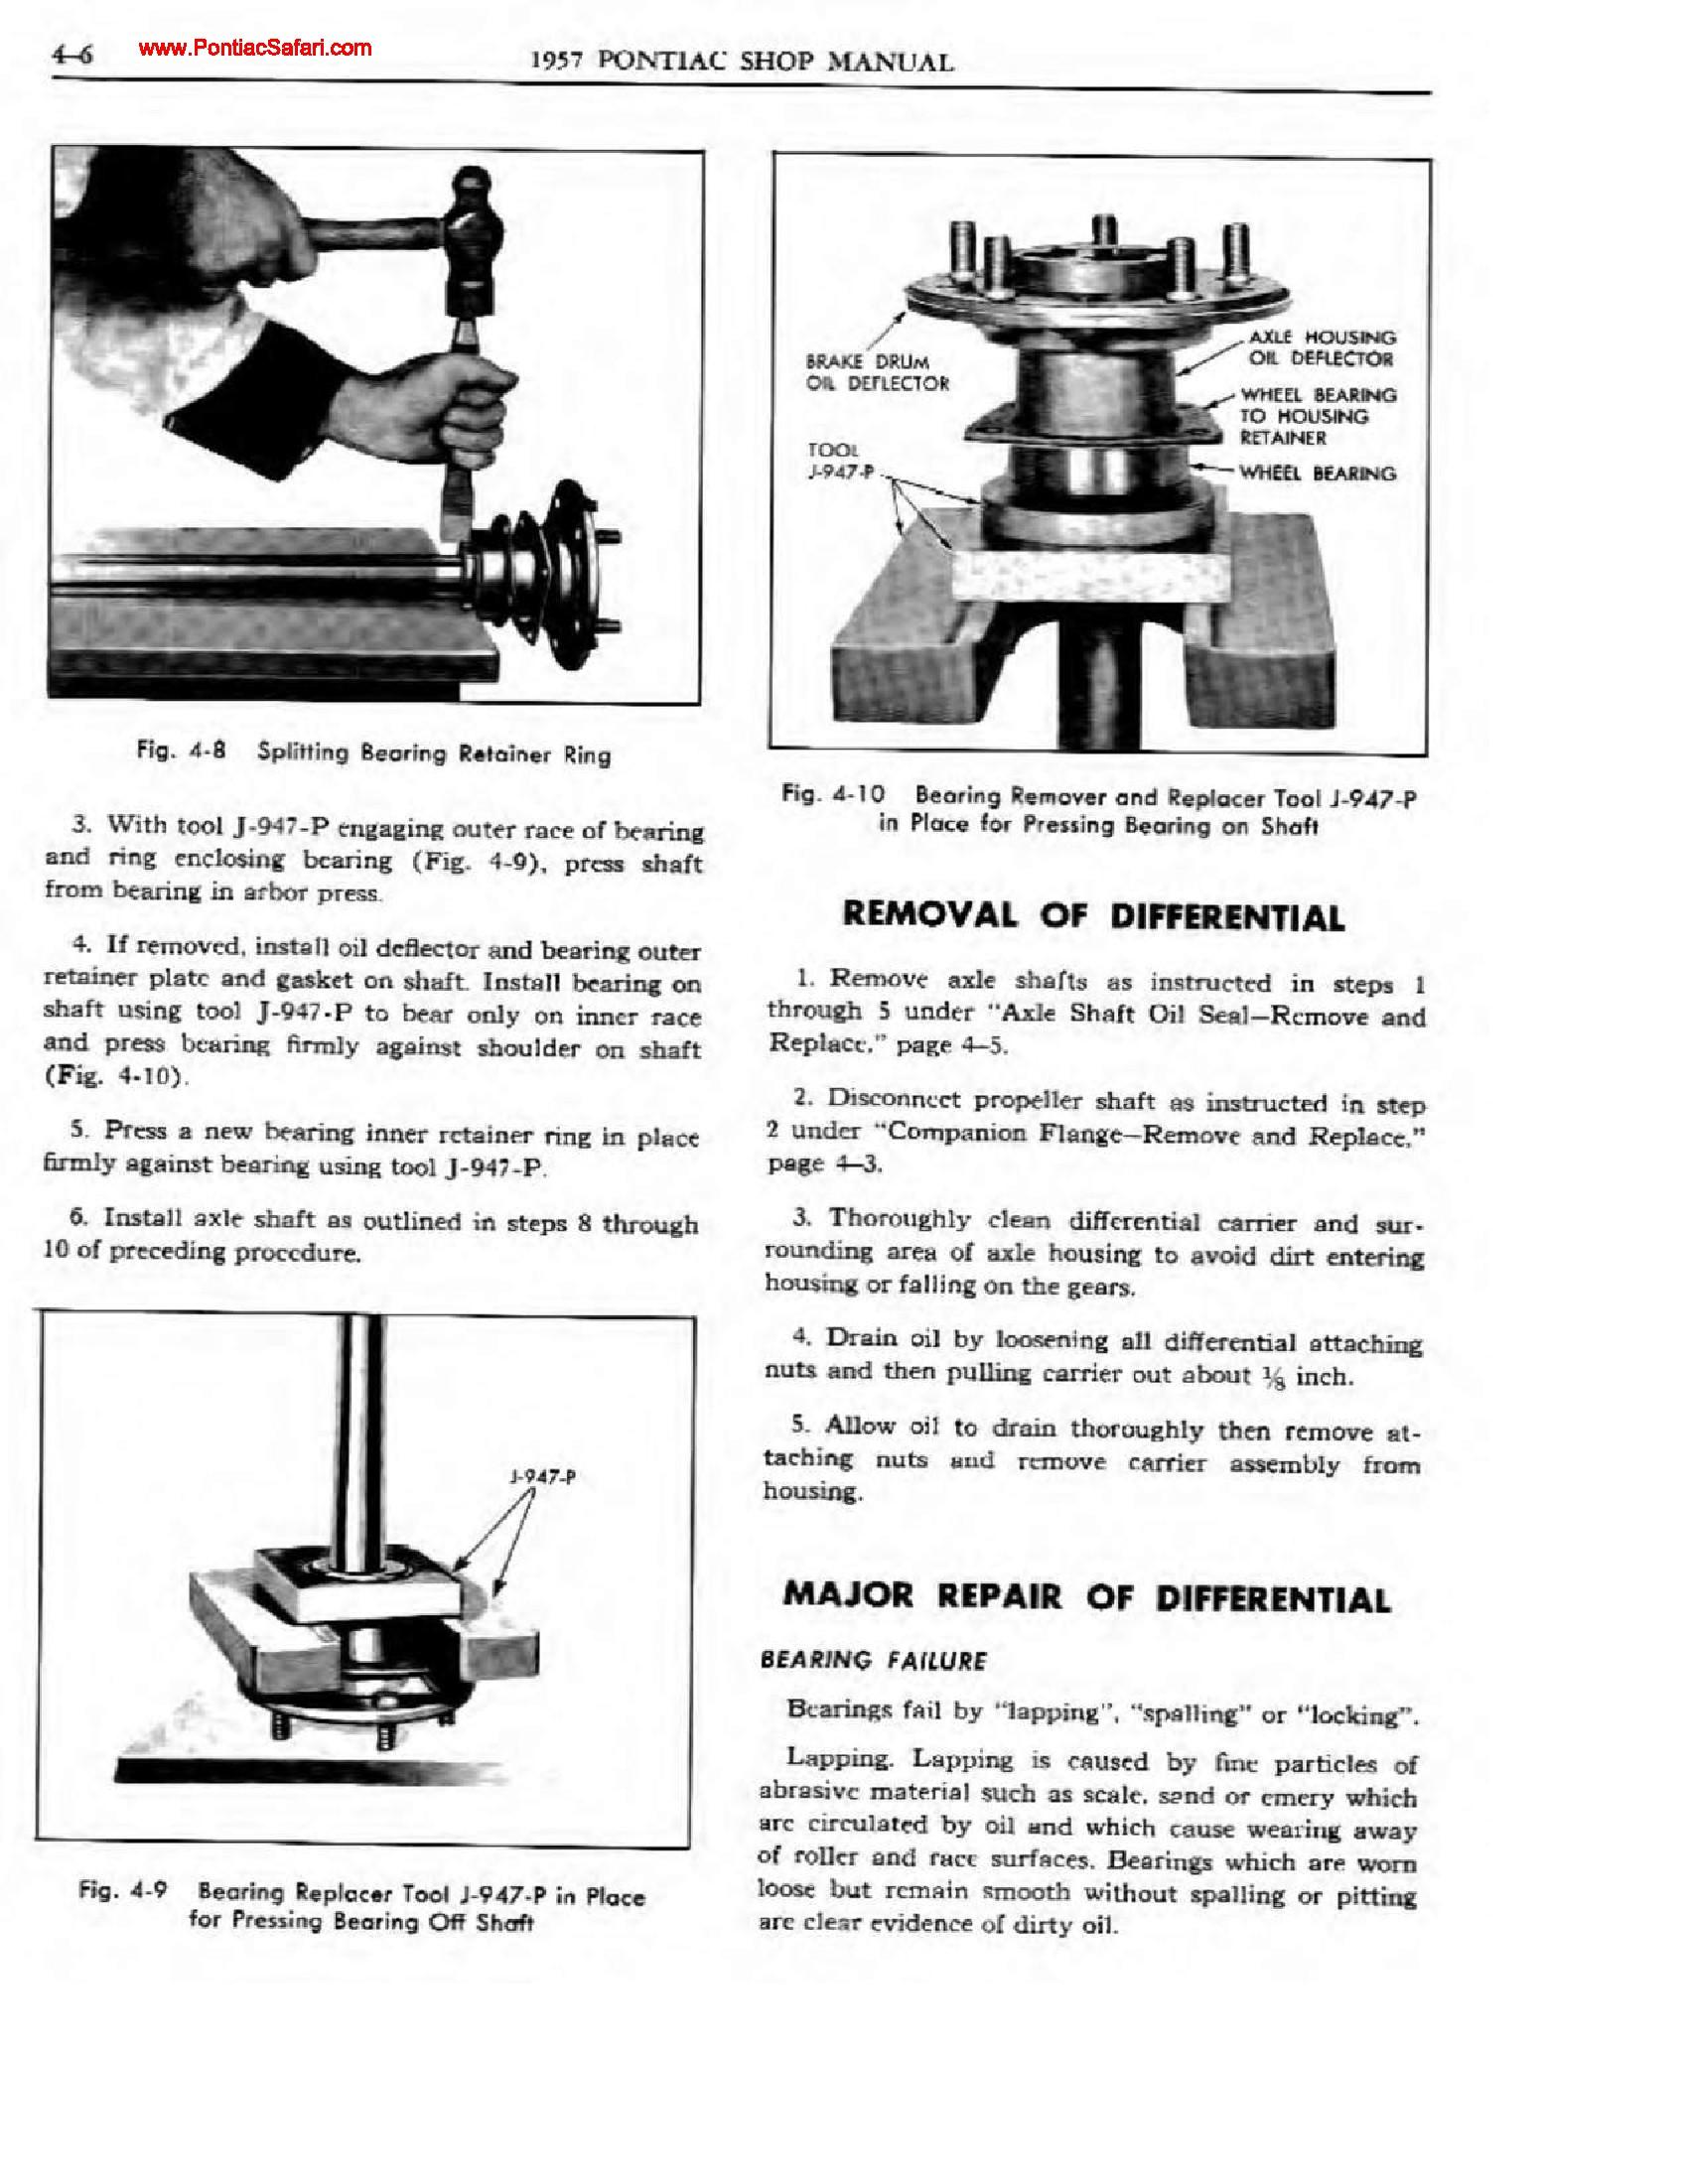 1957 Pontiac Shop Manual - Rear Suspension Page 6 of 31